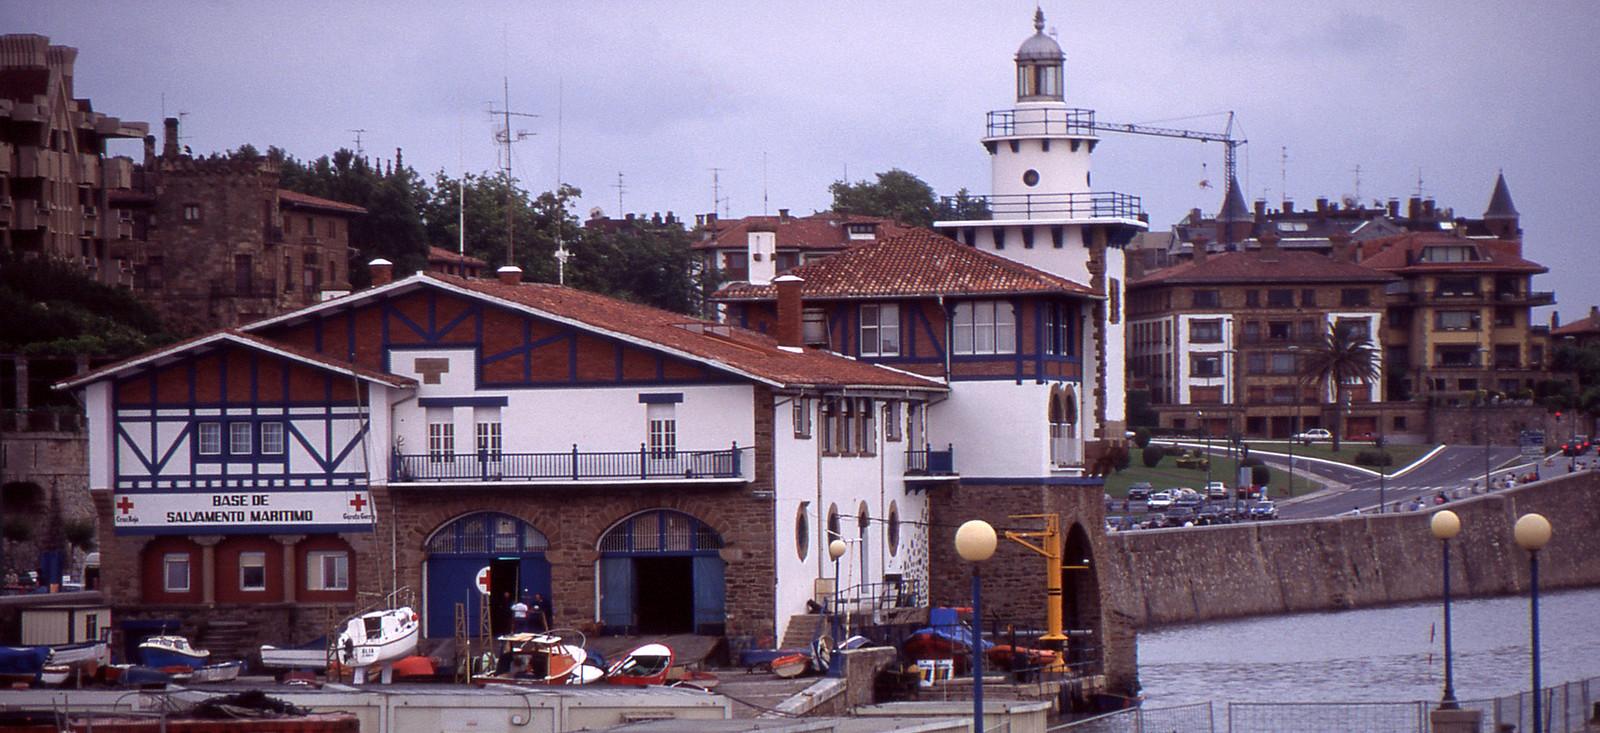 Base de salvamento de Arriluze (País Vasco)